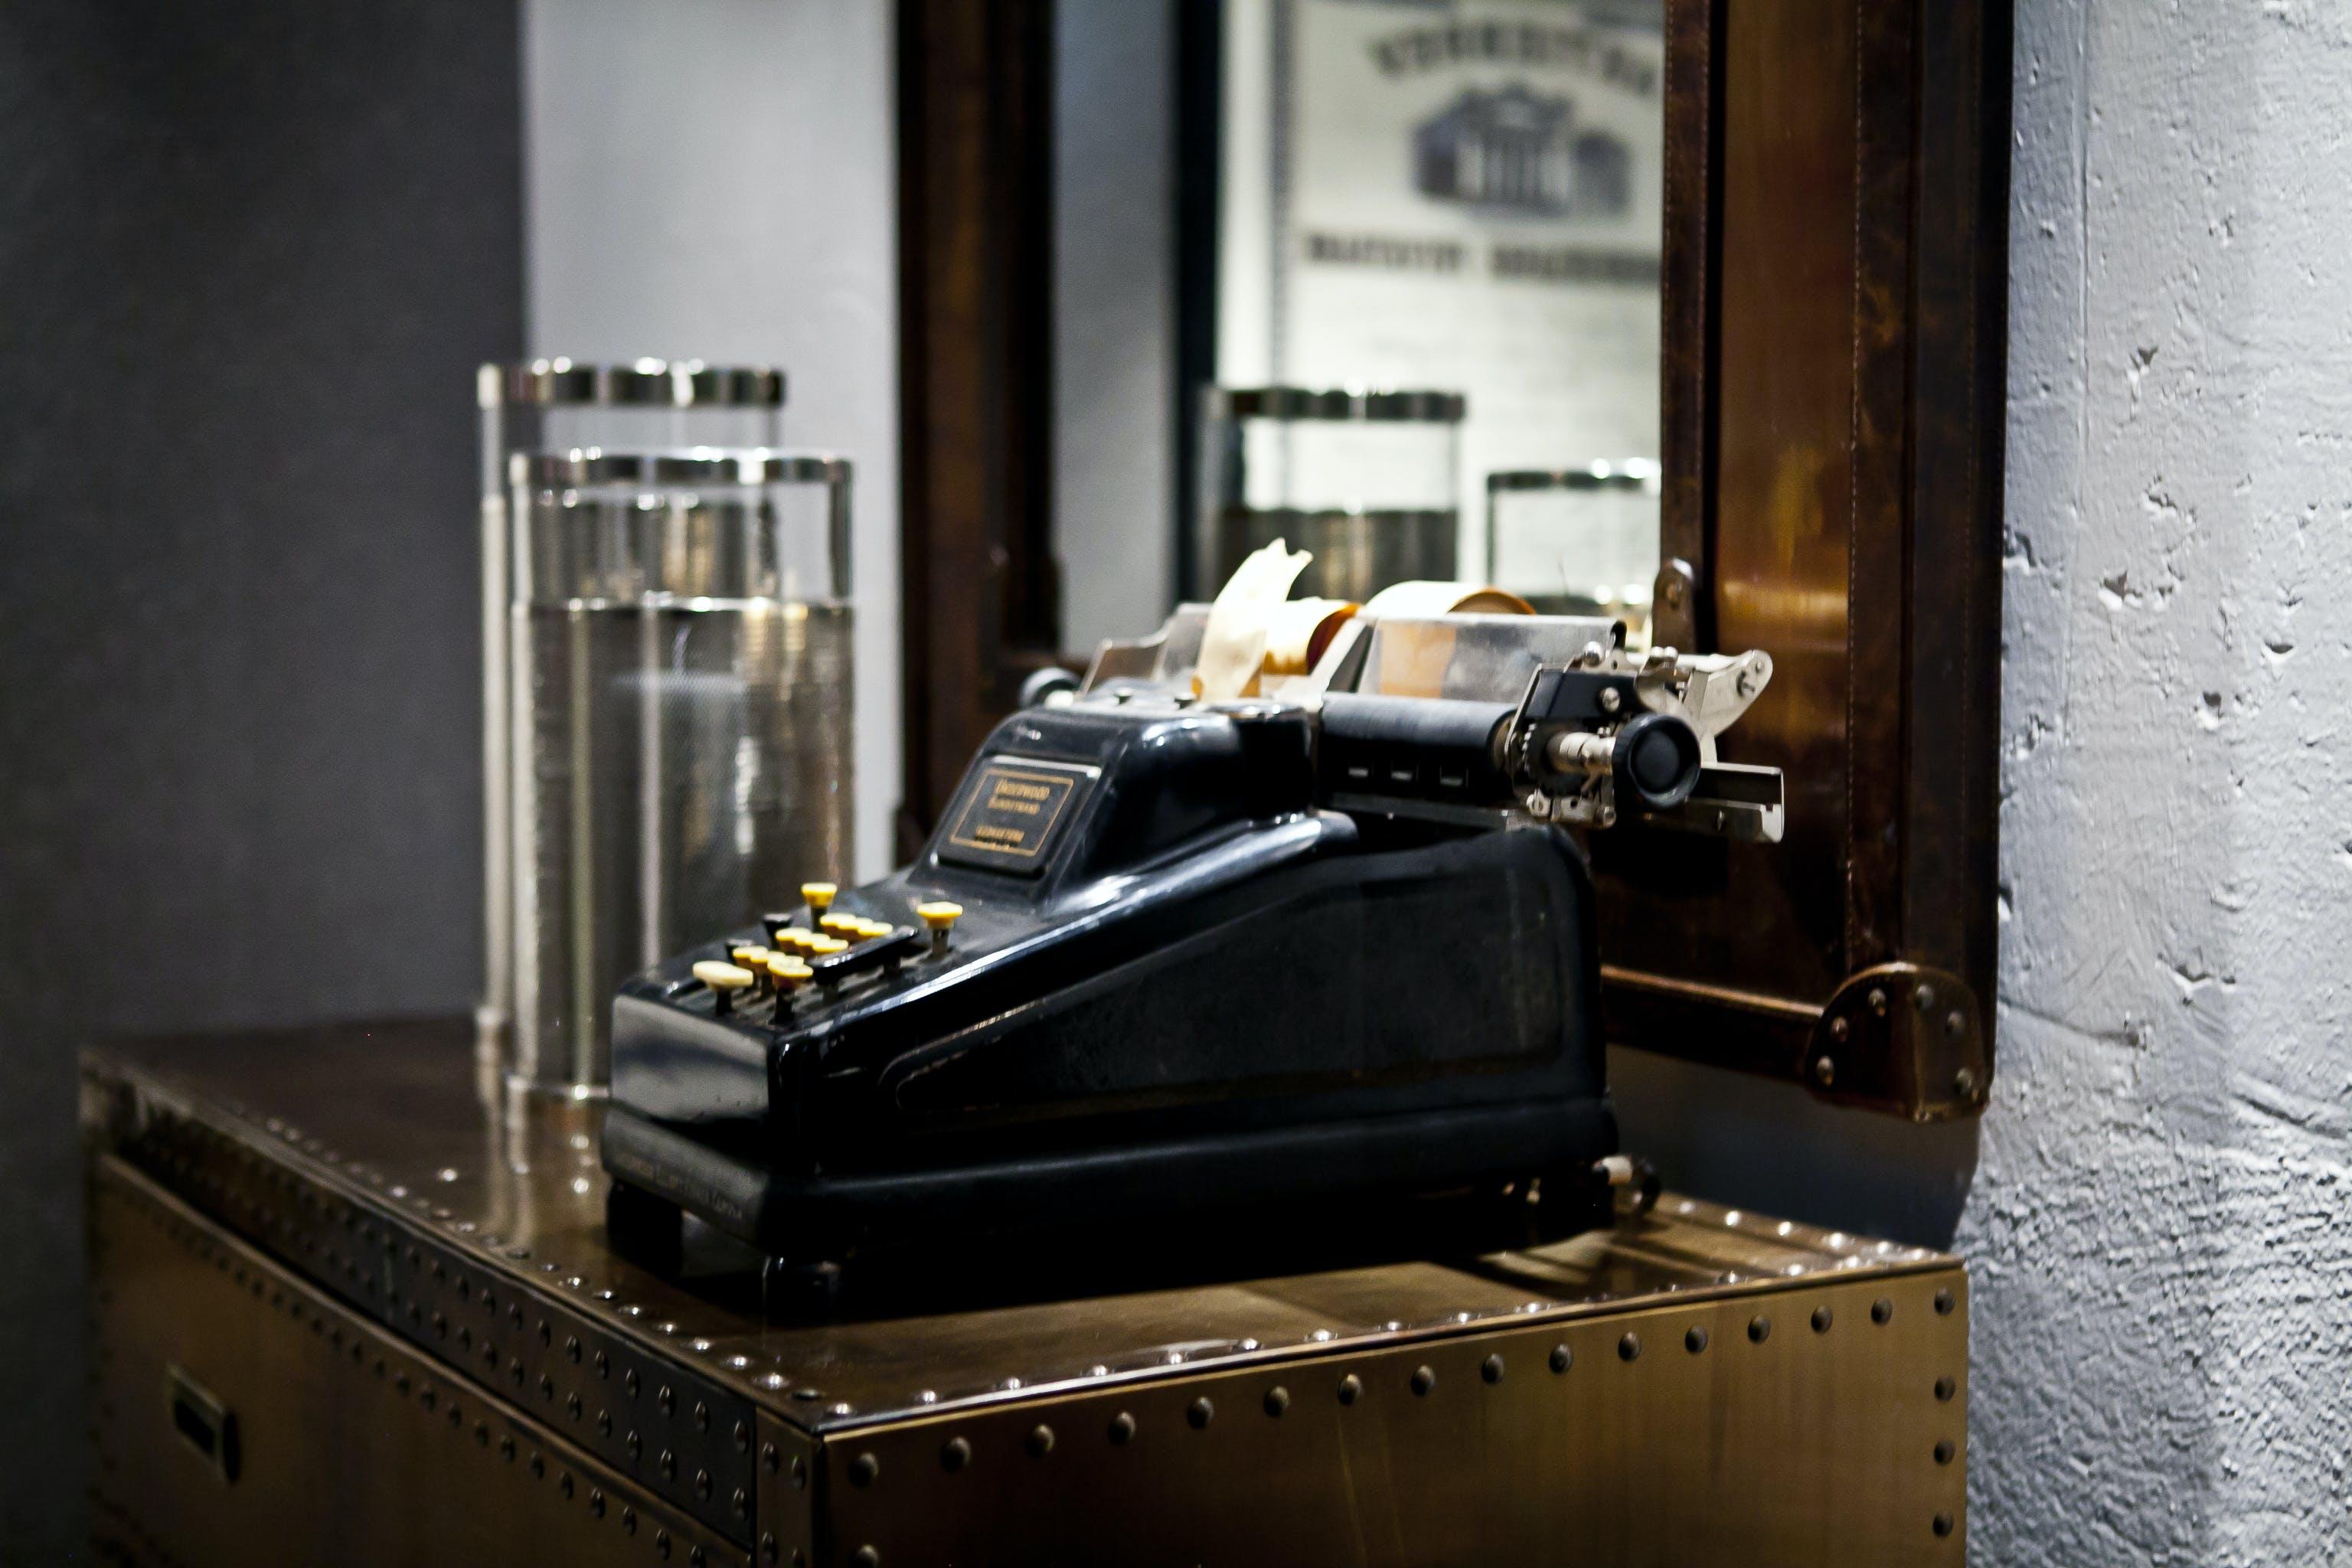 Black Typewriter on Desk